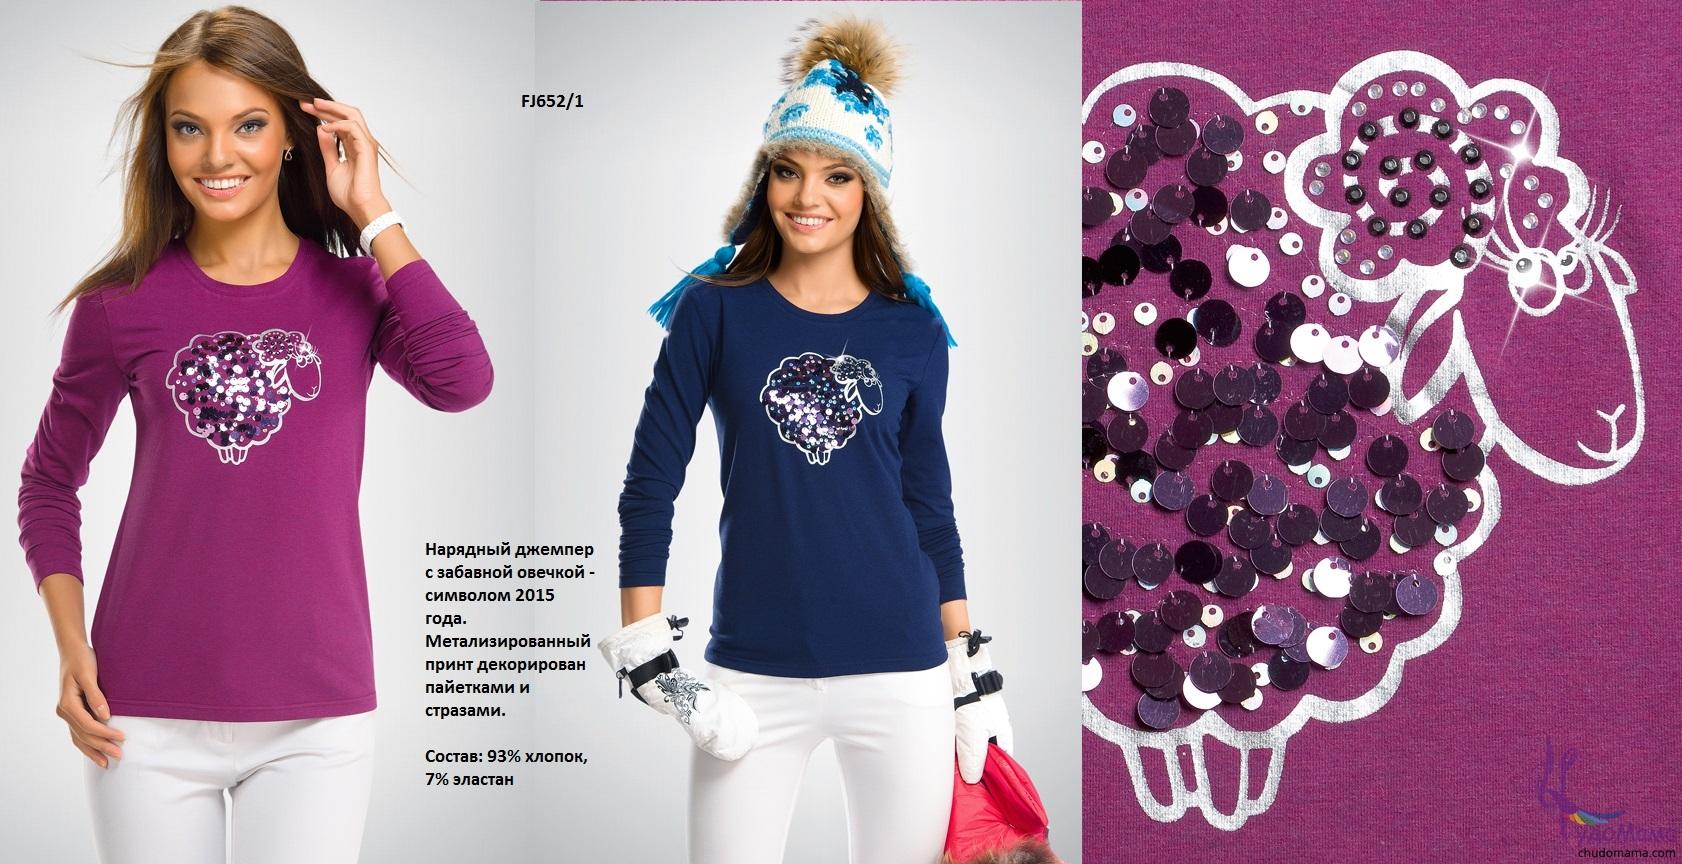 Fj652 1 Джемпер Женский